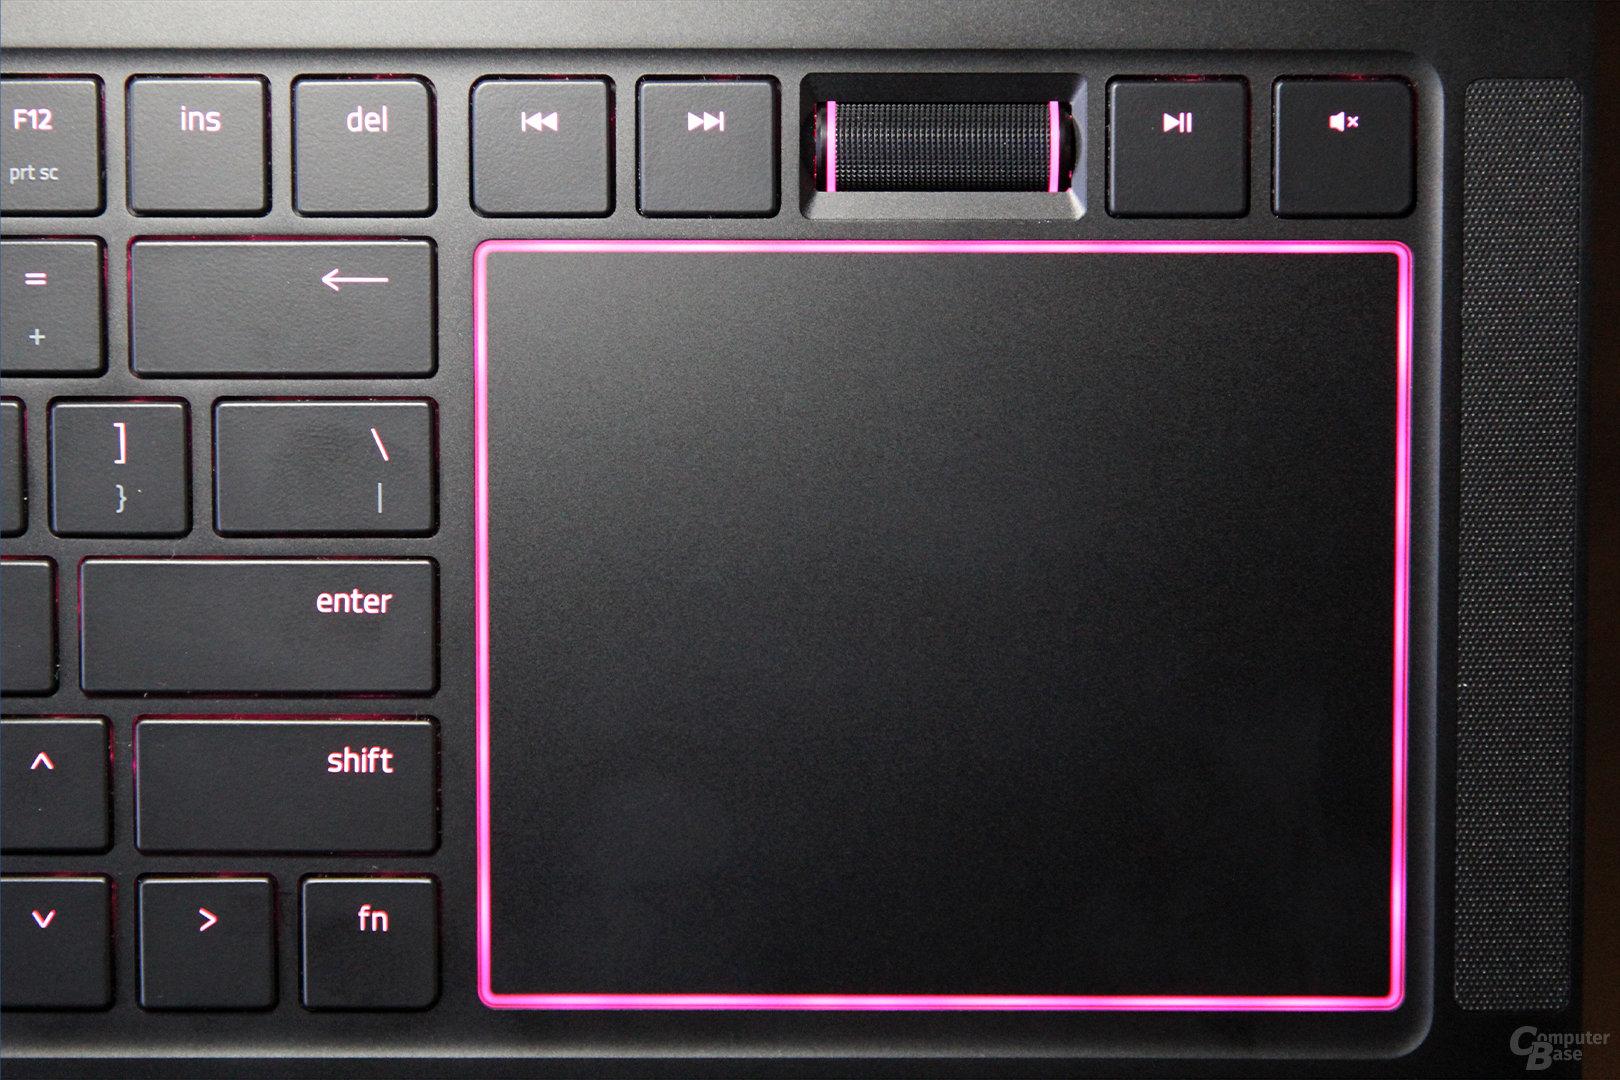 Das Touchpad neben der Tastatur mit Lautstärkerad